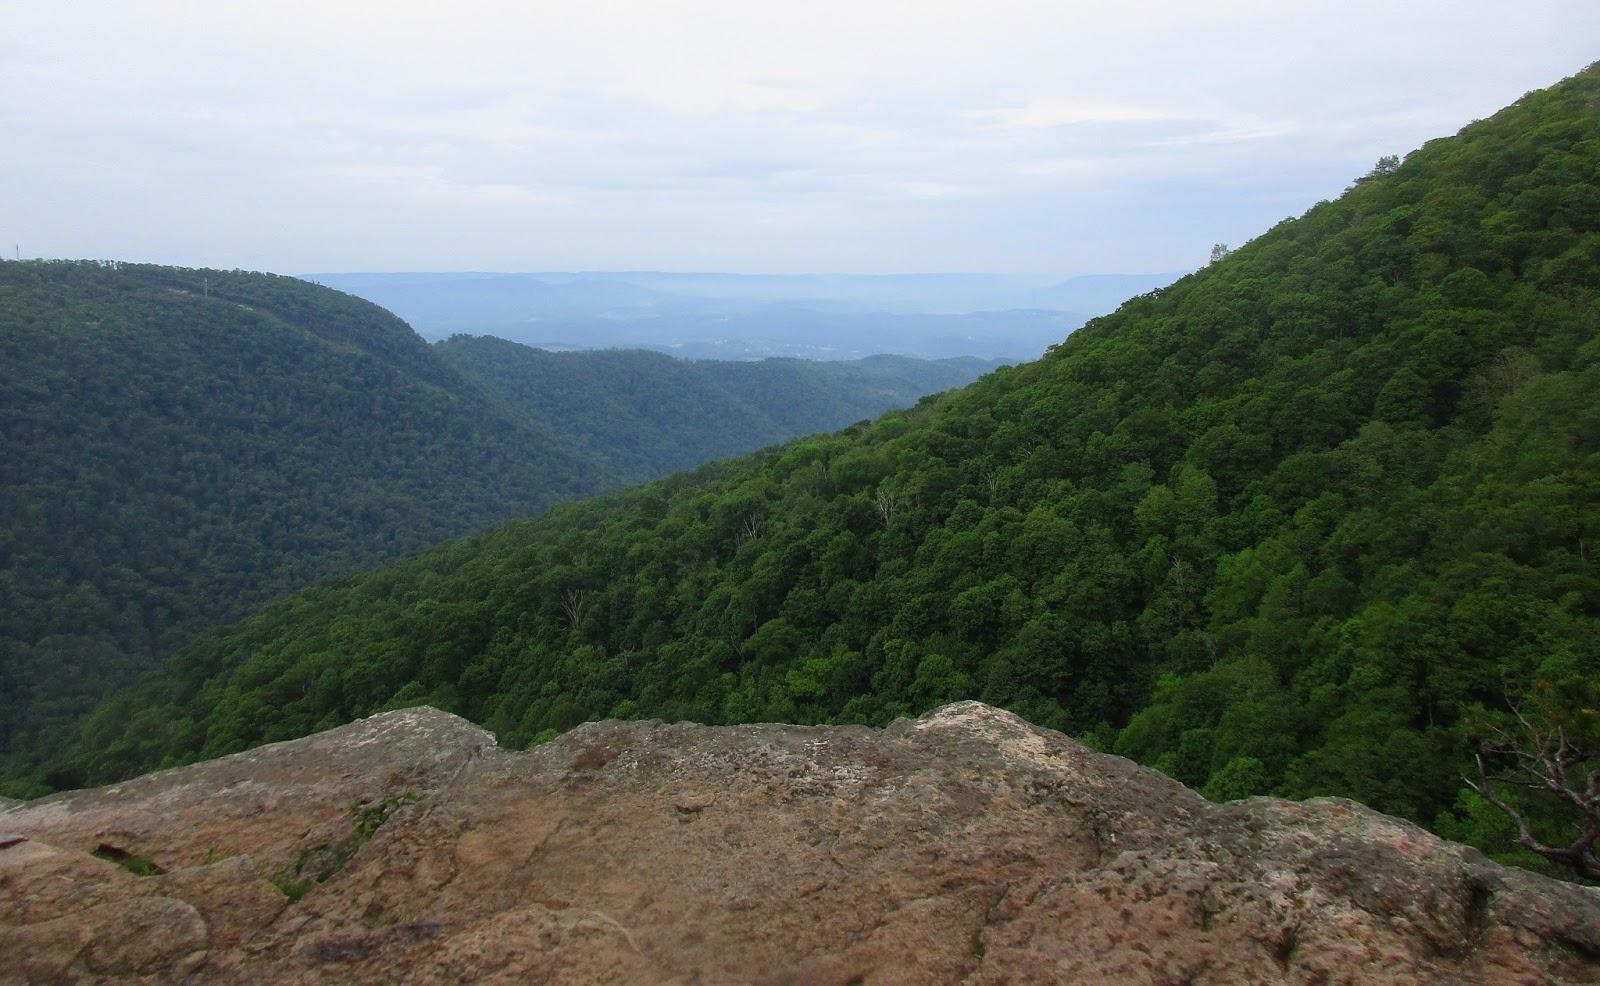 Butt mountain blacksburg virginia — 9